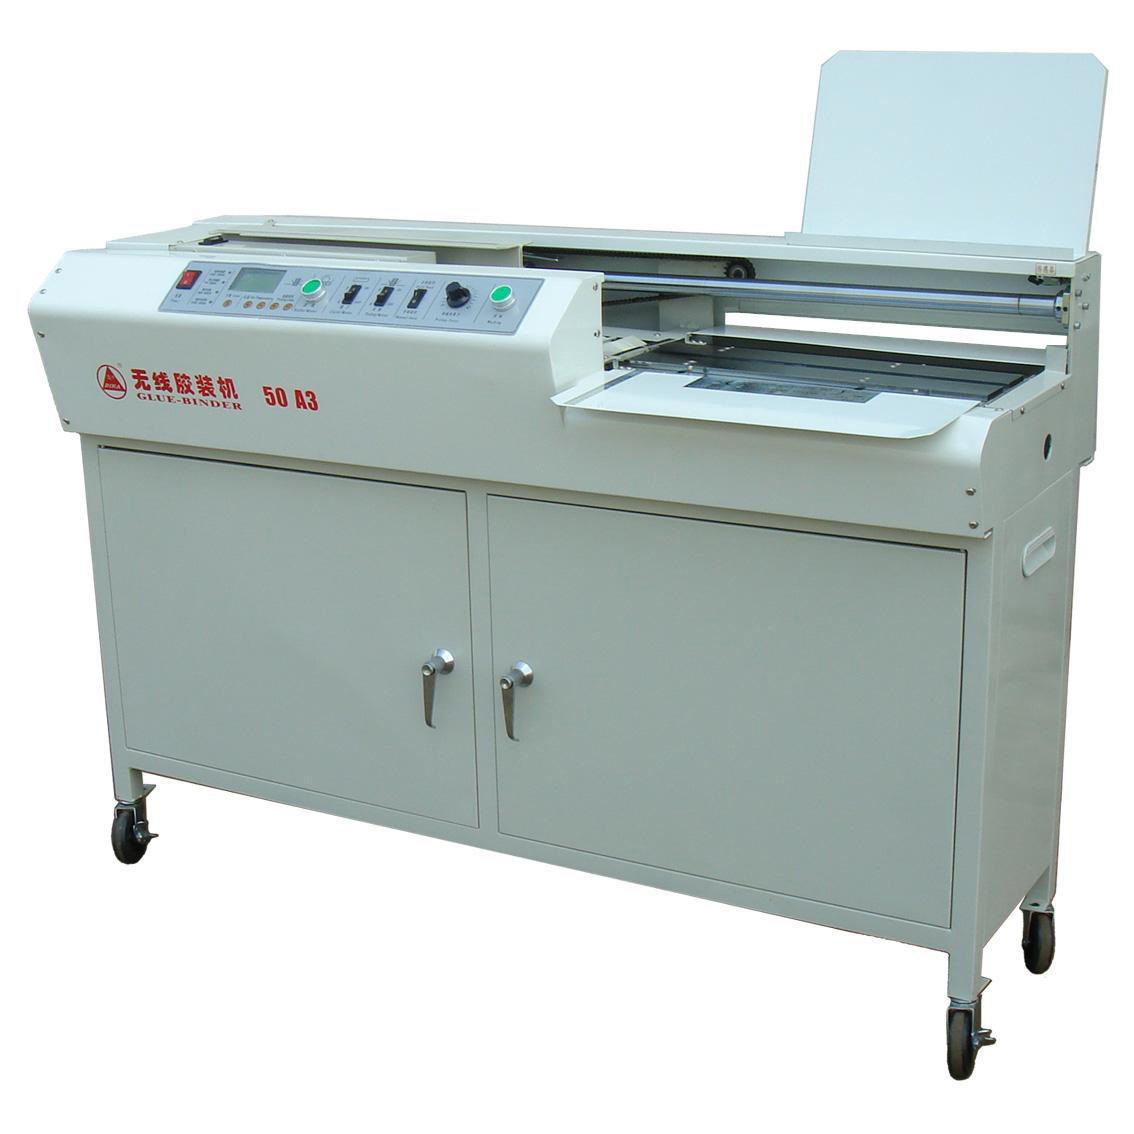 专业提供标书胶装,培训手册打印装订,产品说明书打印装订